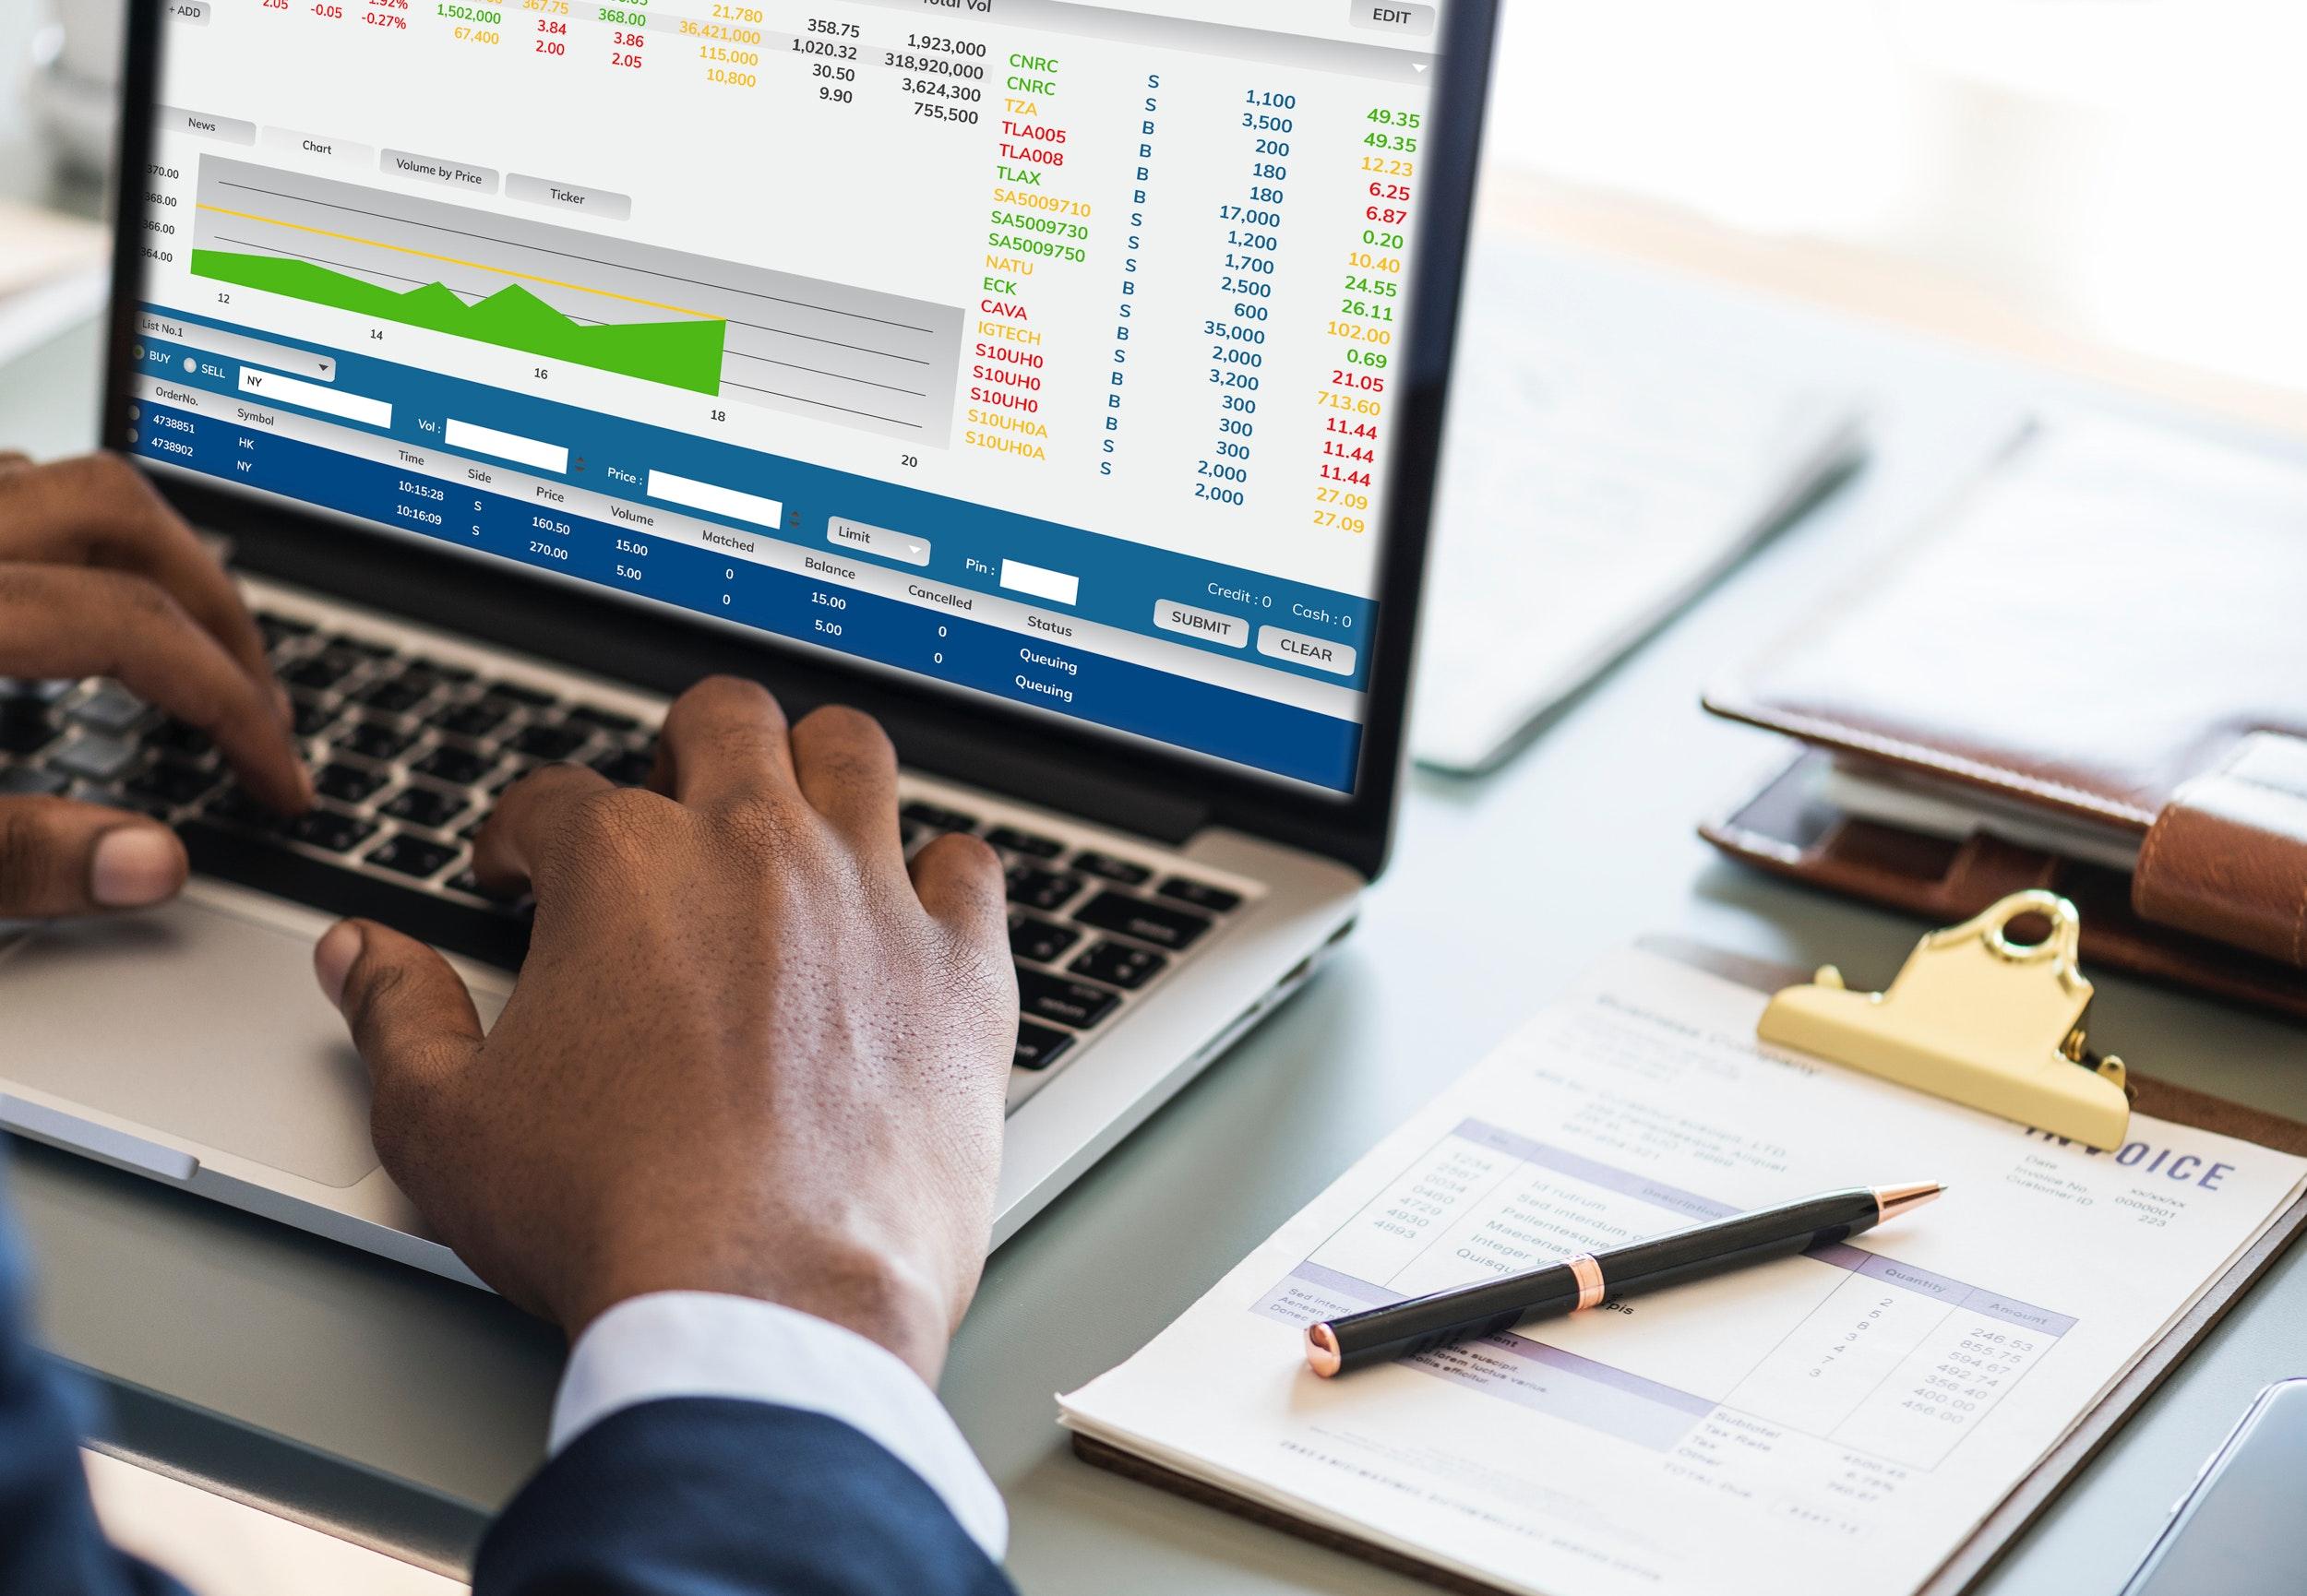 Curso online de auditor interno de sistemas   Curso online de auditor interno de sistemas Gesti  n